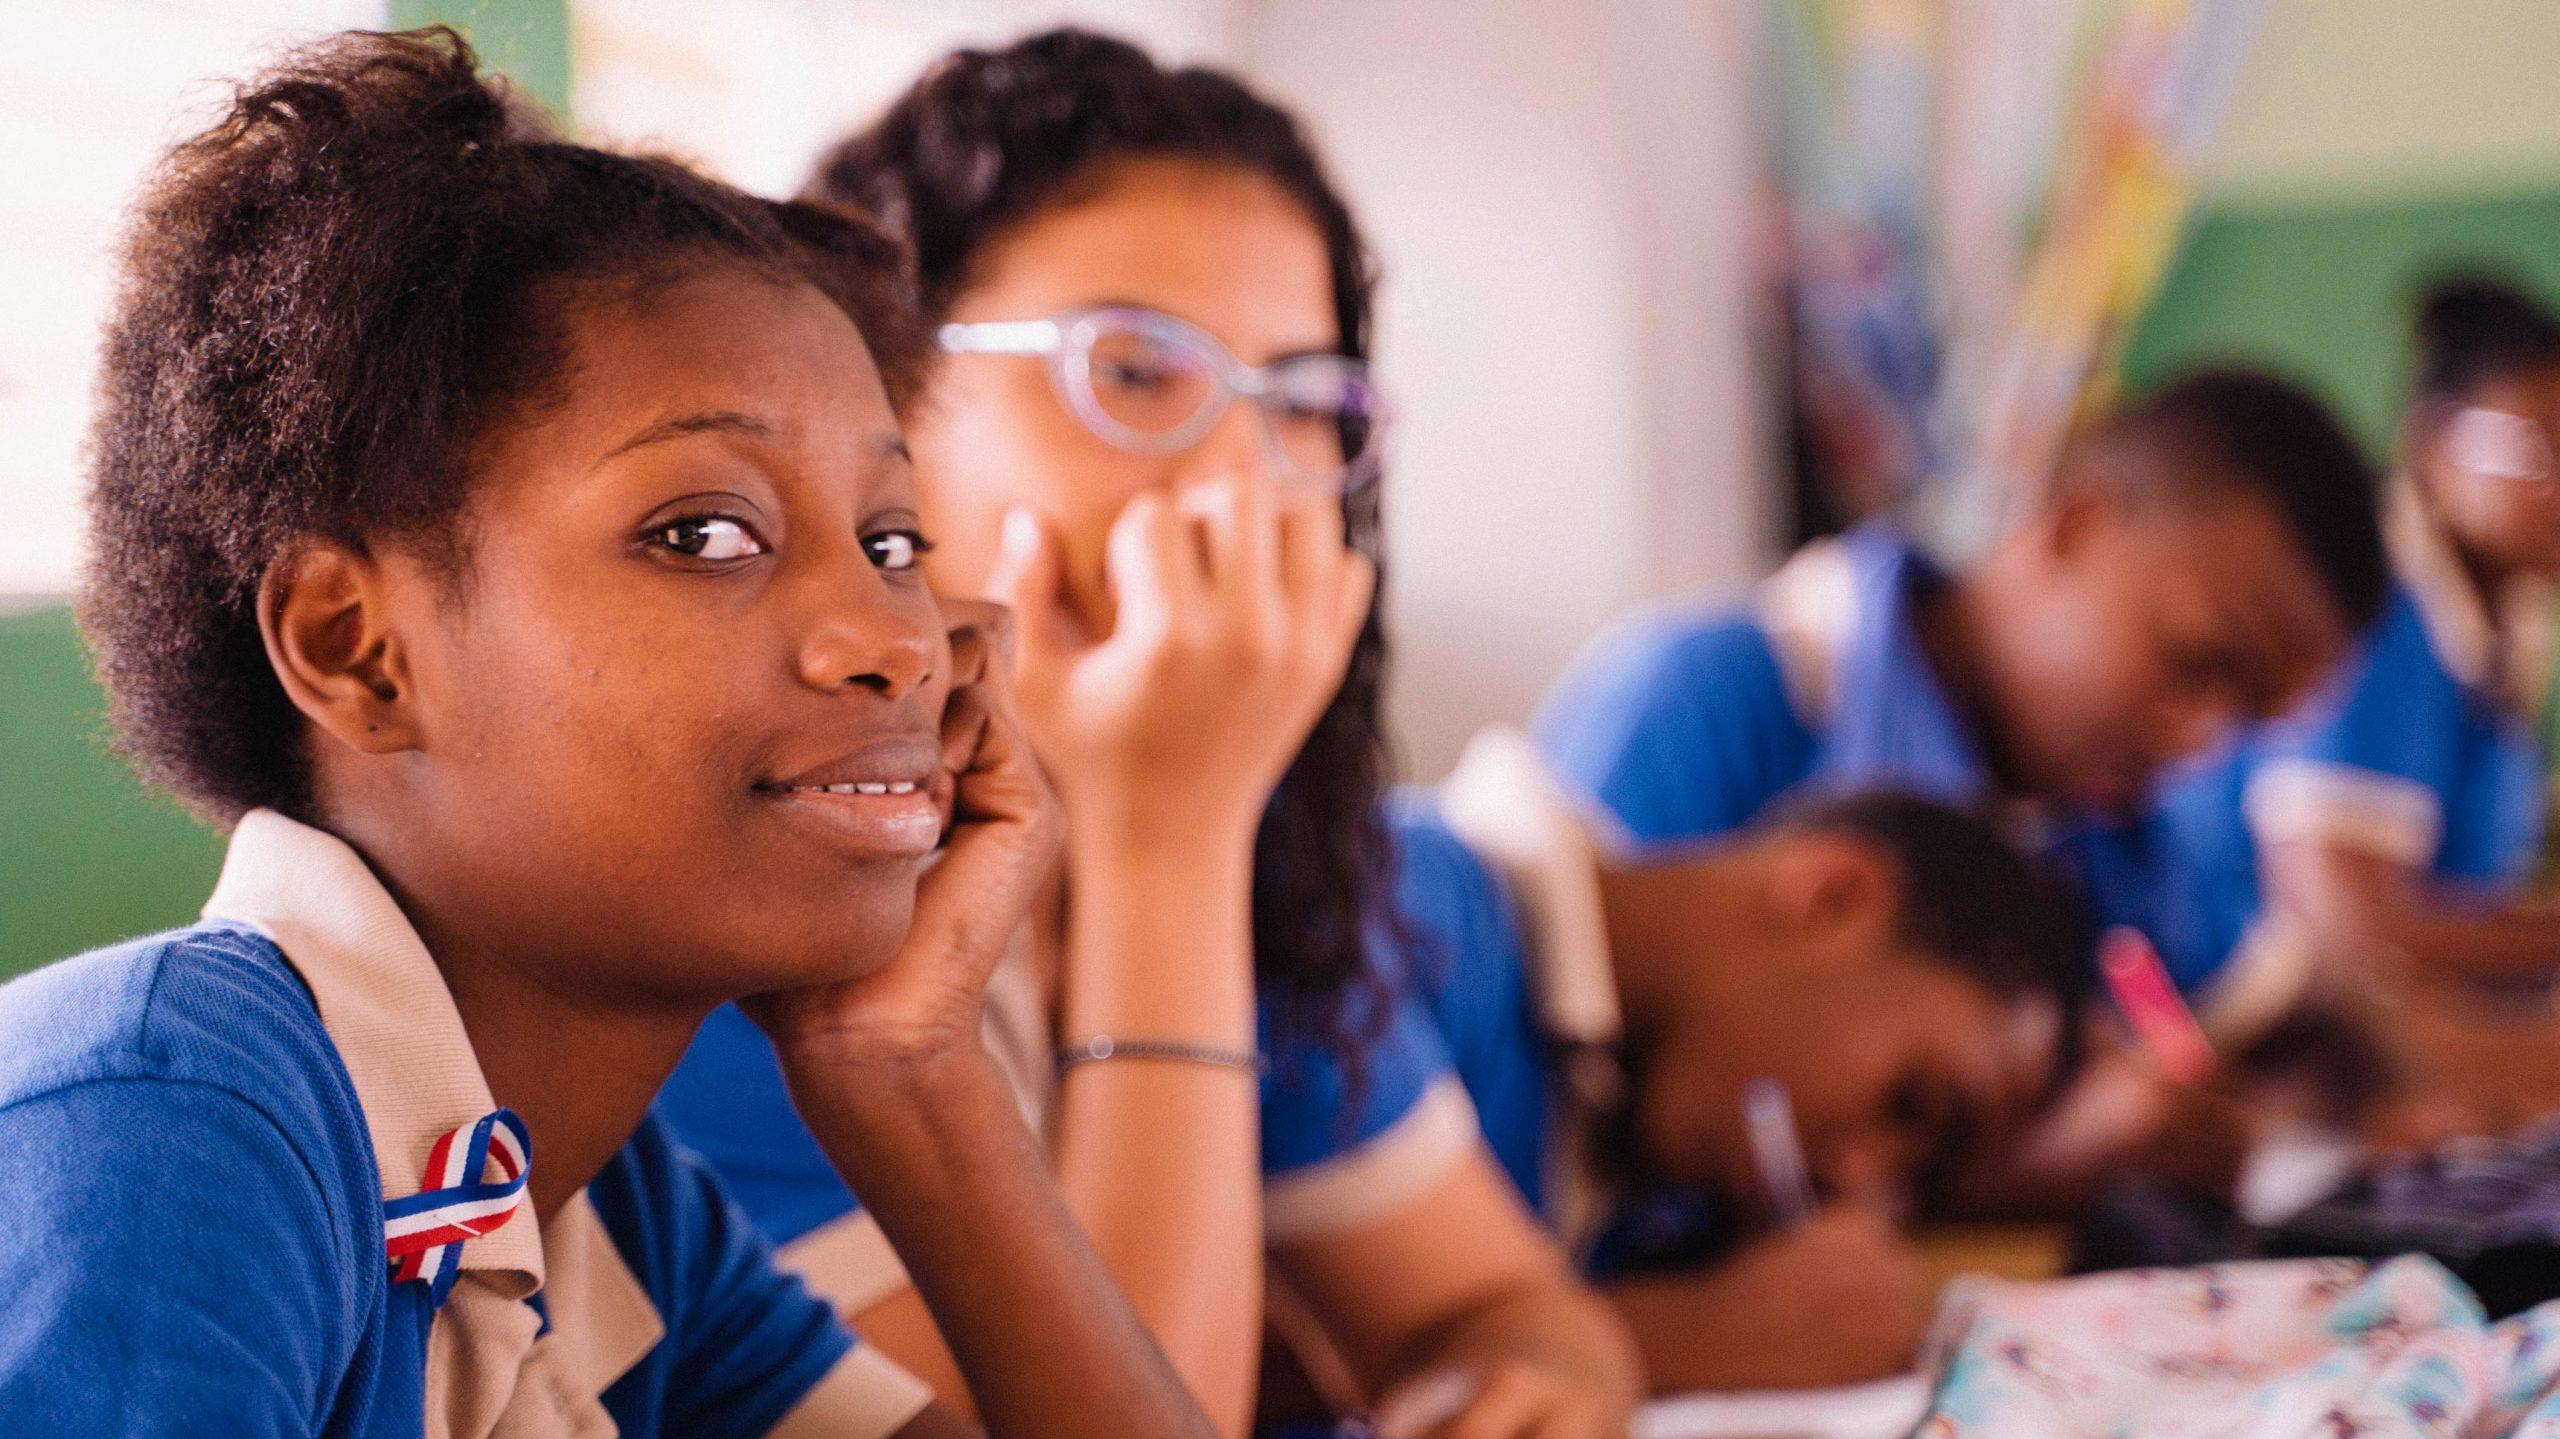 La escuela frente a la violencia y la desigualdad de género